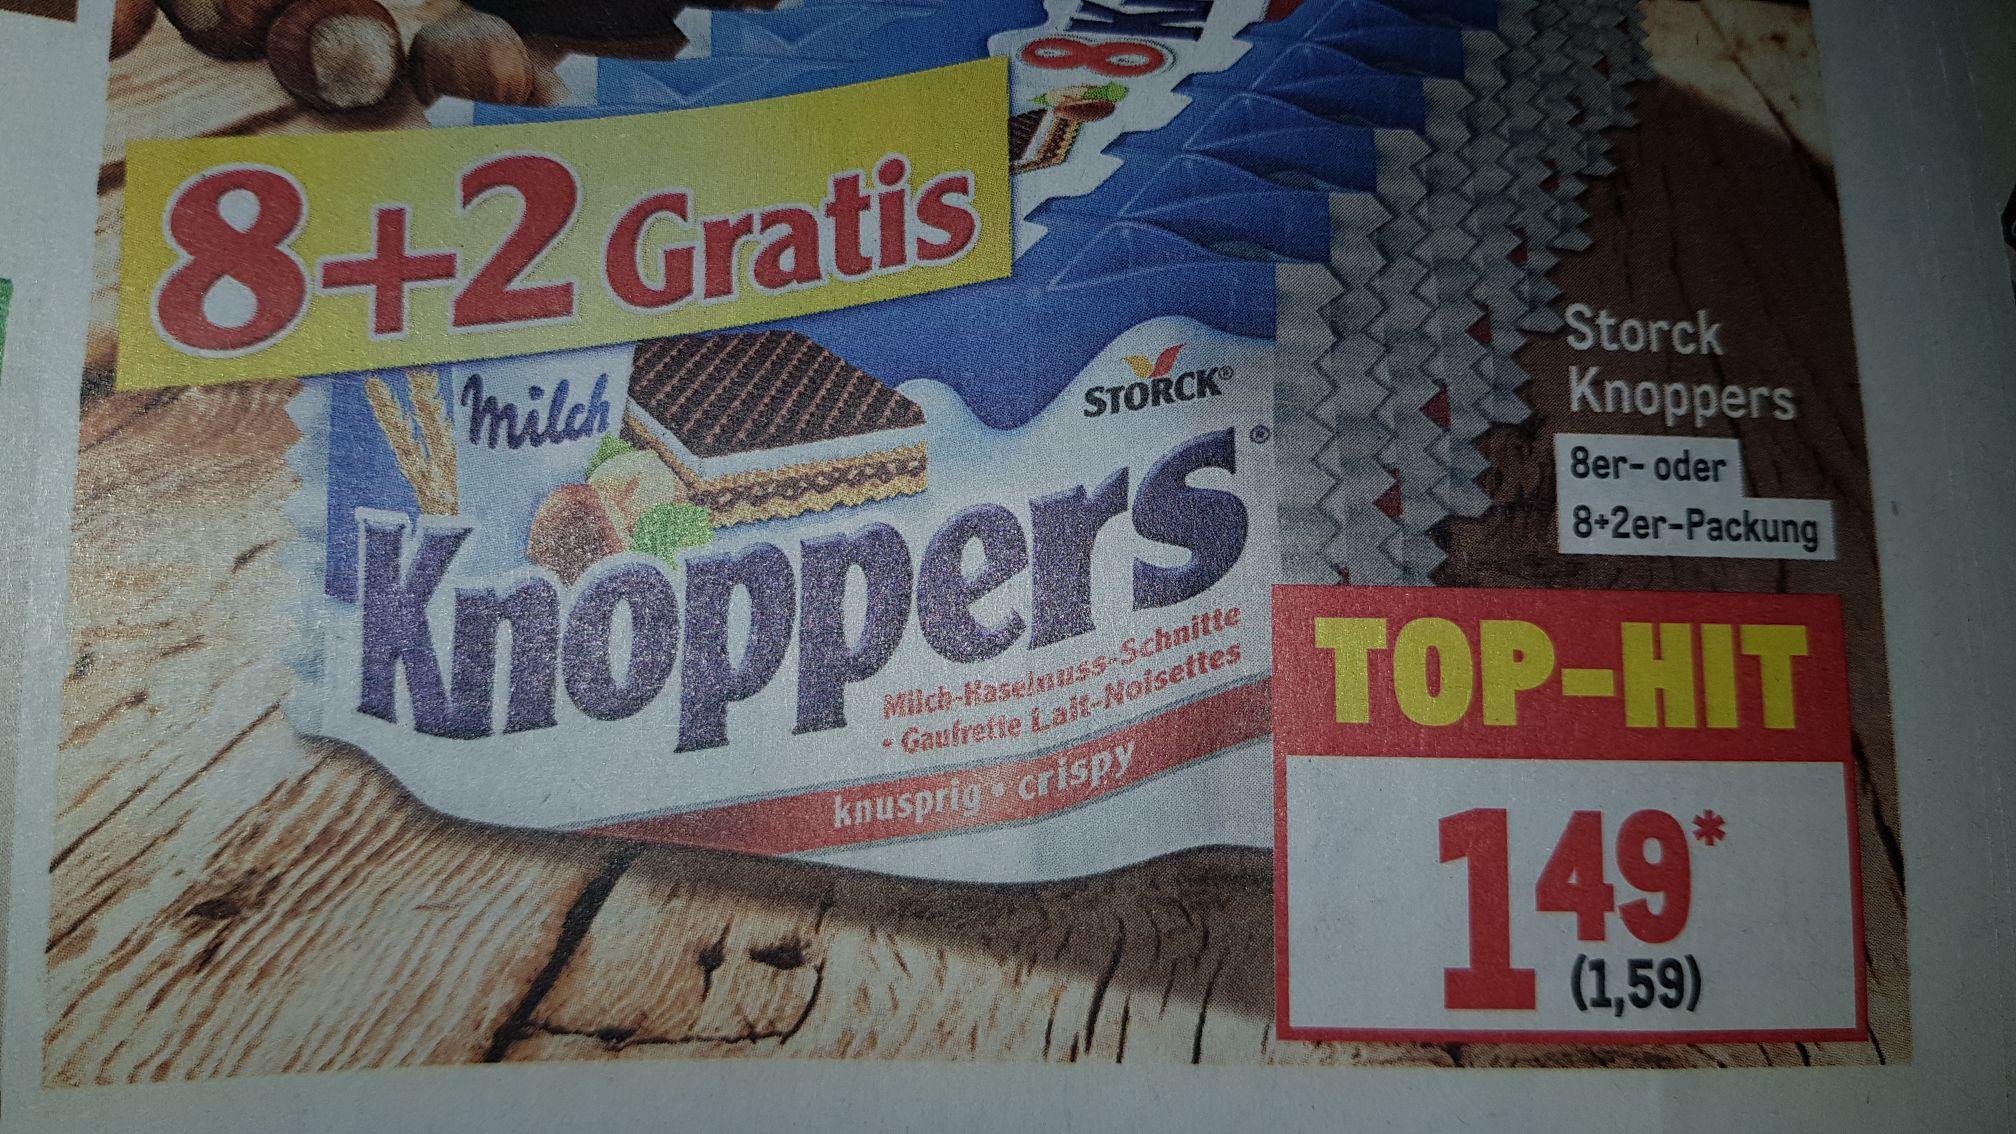 10 Knoppers für 1,59€ bei Metro.